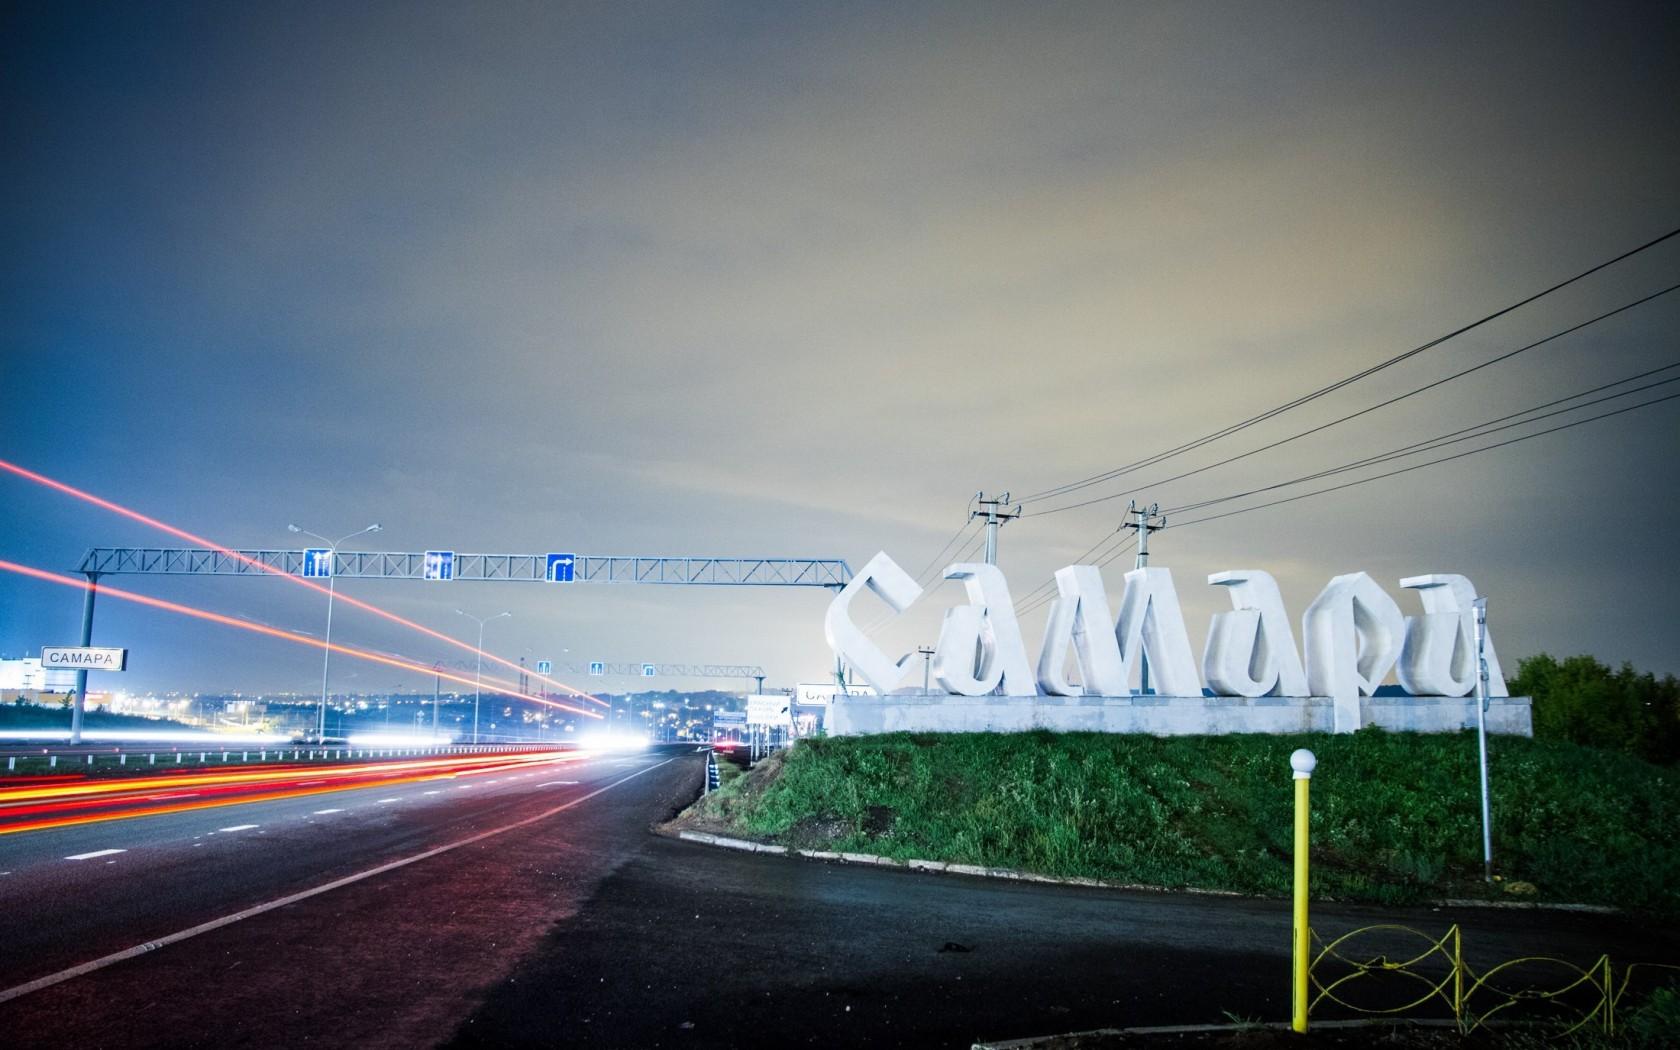 ... -купе низкие цены, купить недорого: news-medik.ru/oboi-foto-v-samare